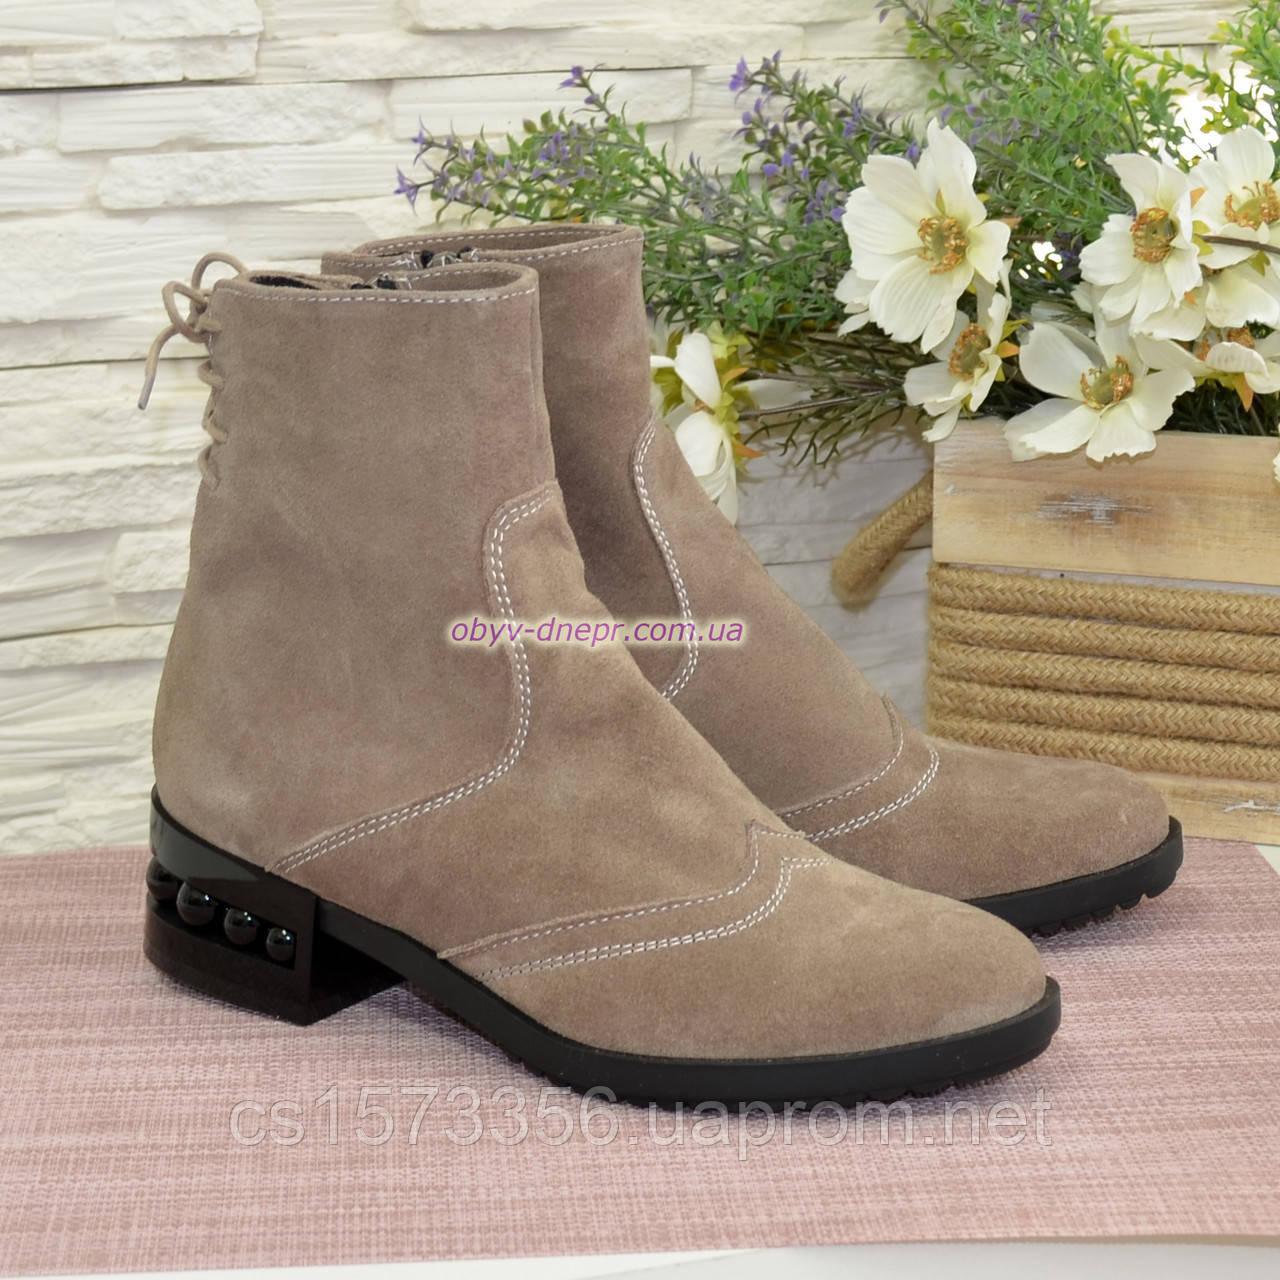 Ботинки замшевые демисезонные на маленьком каблуке, сзади на шнуровке. Цвет бежевый